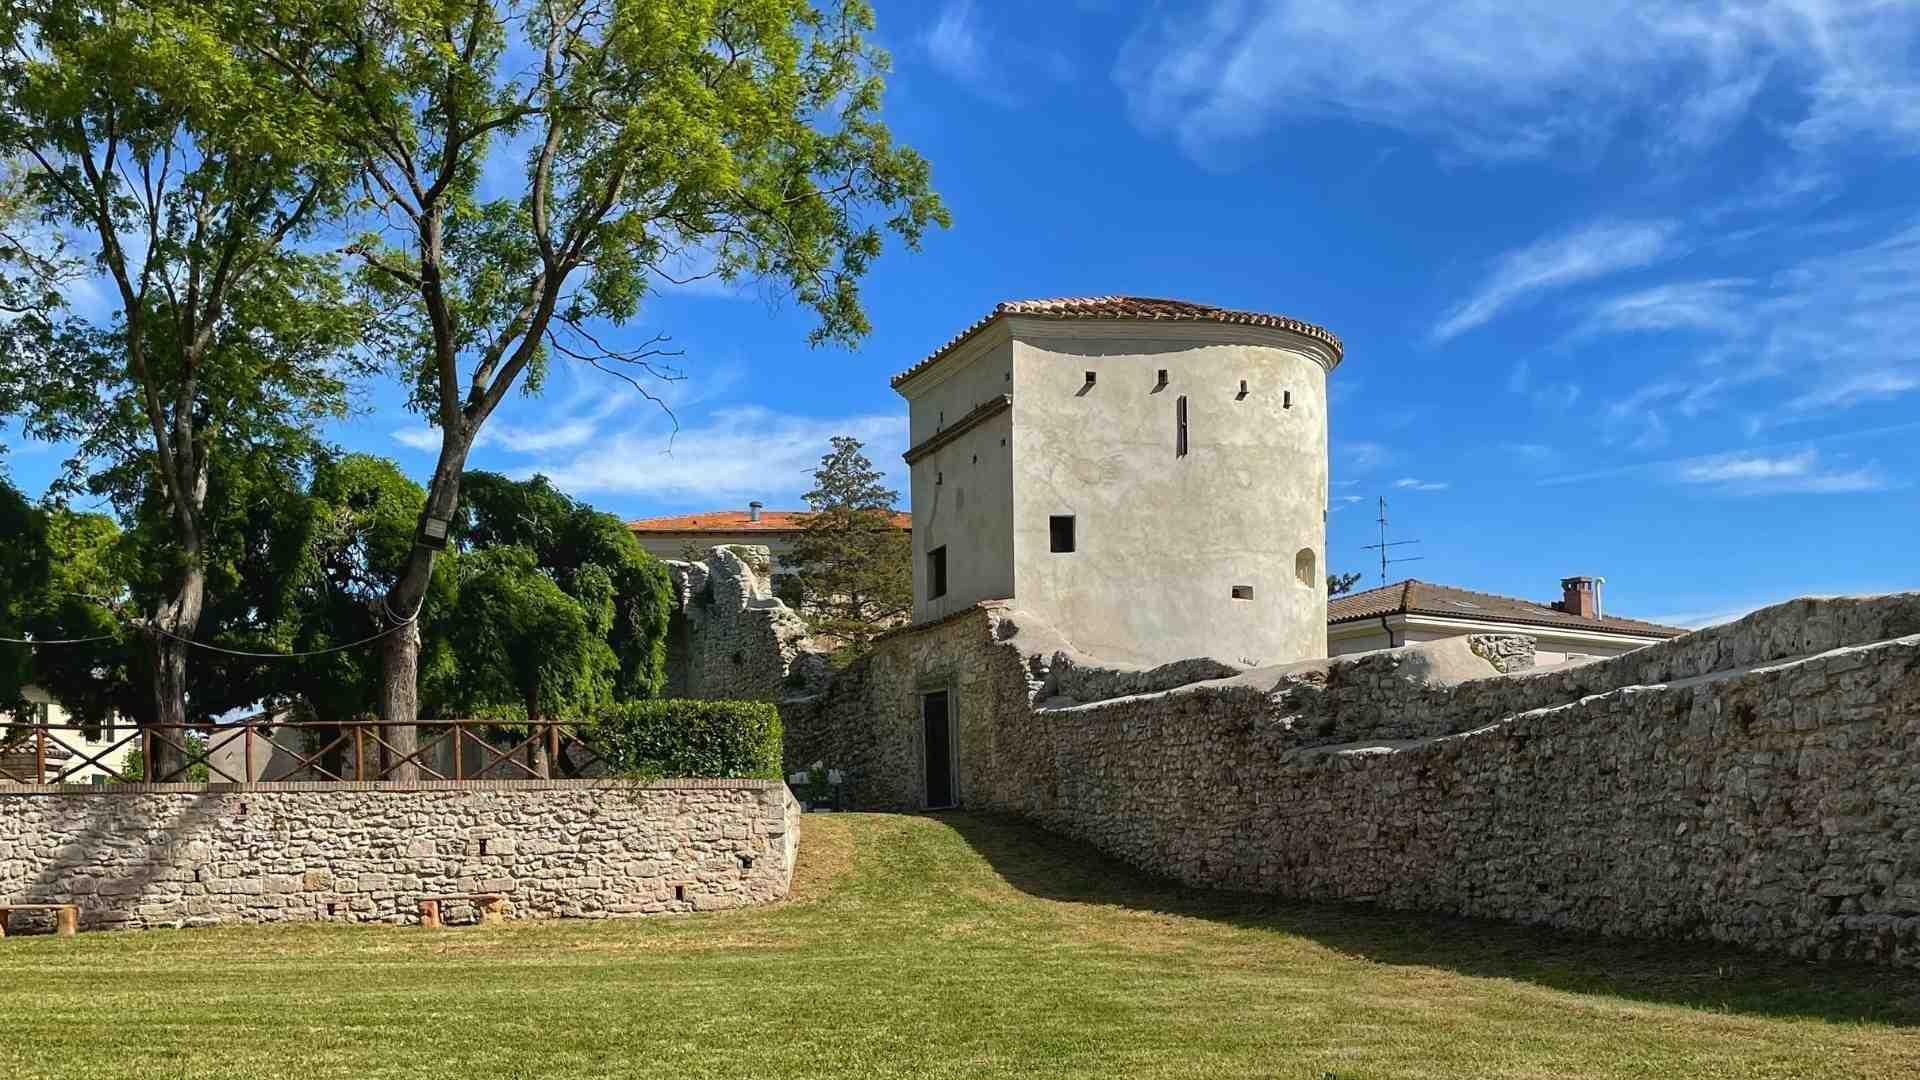 acquasparta - palazzo cesi - giardino e torretta